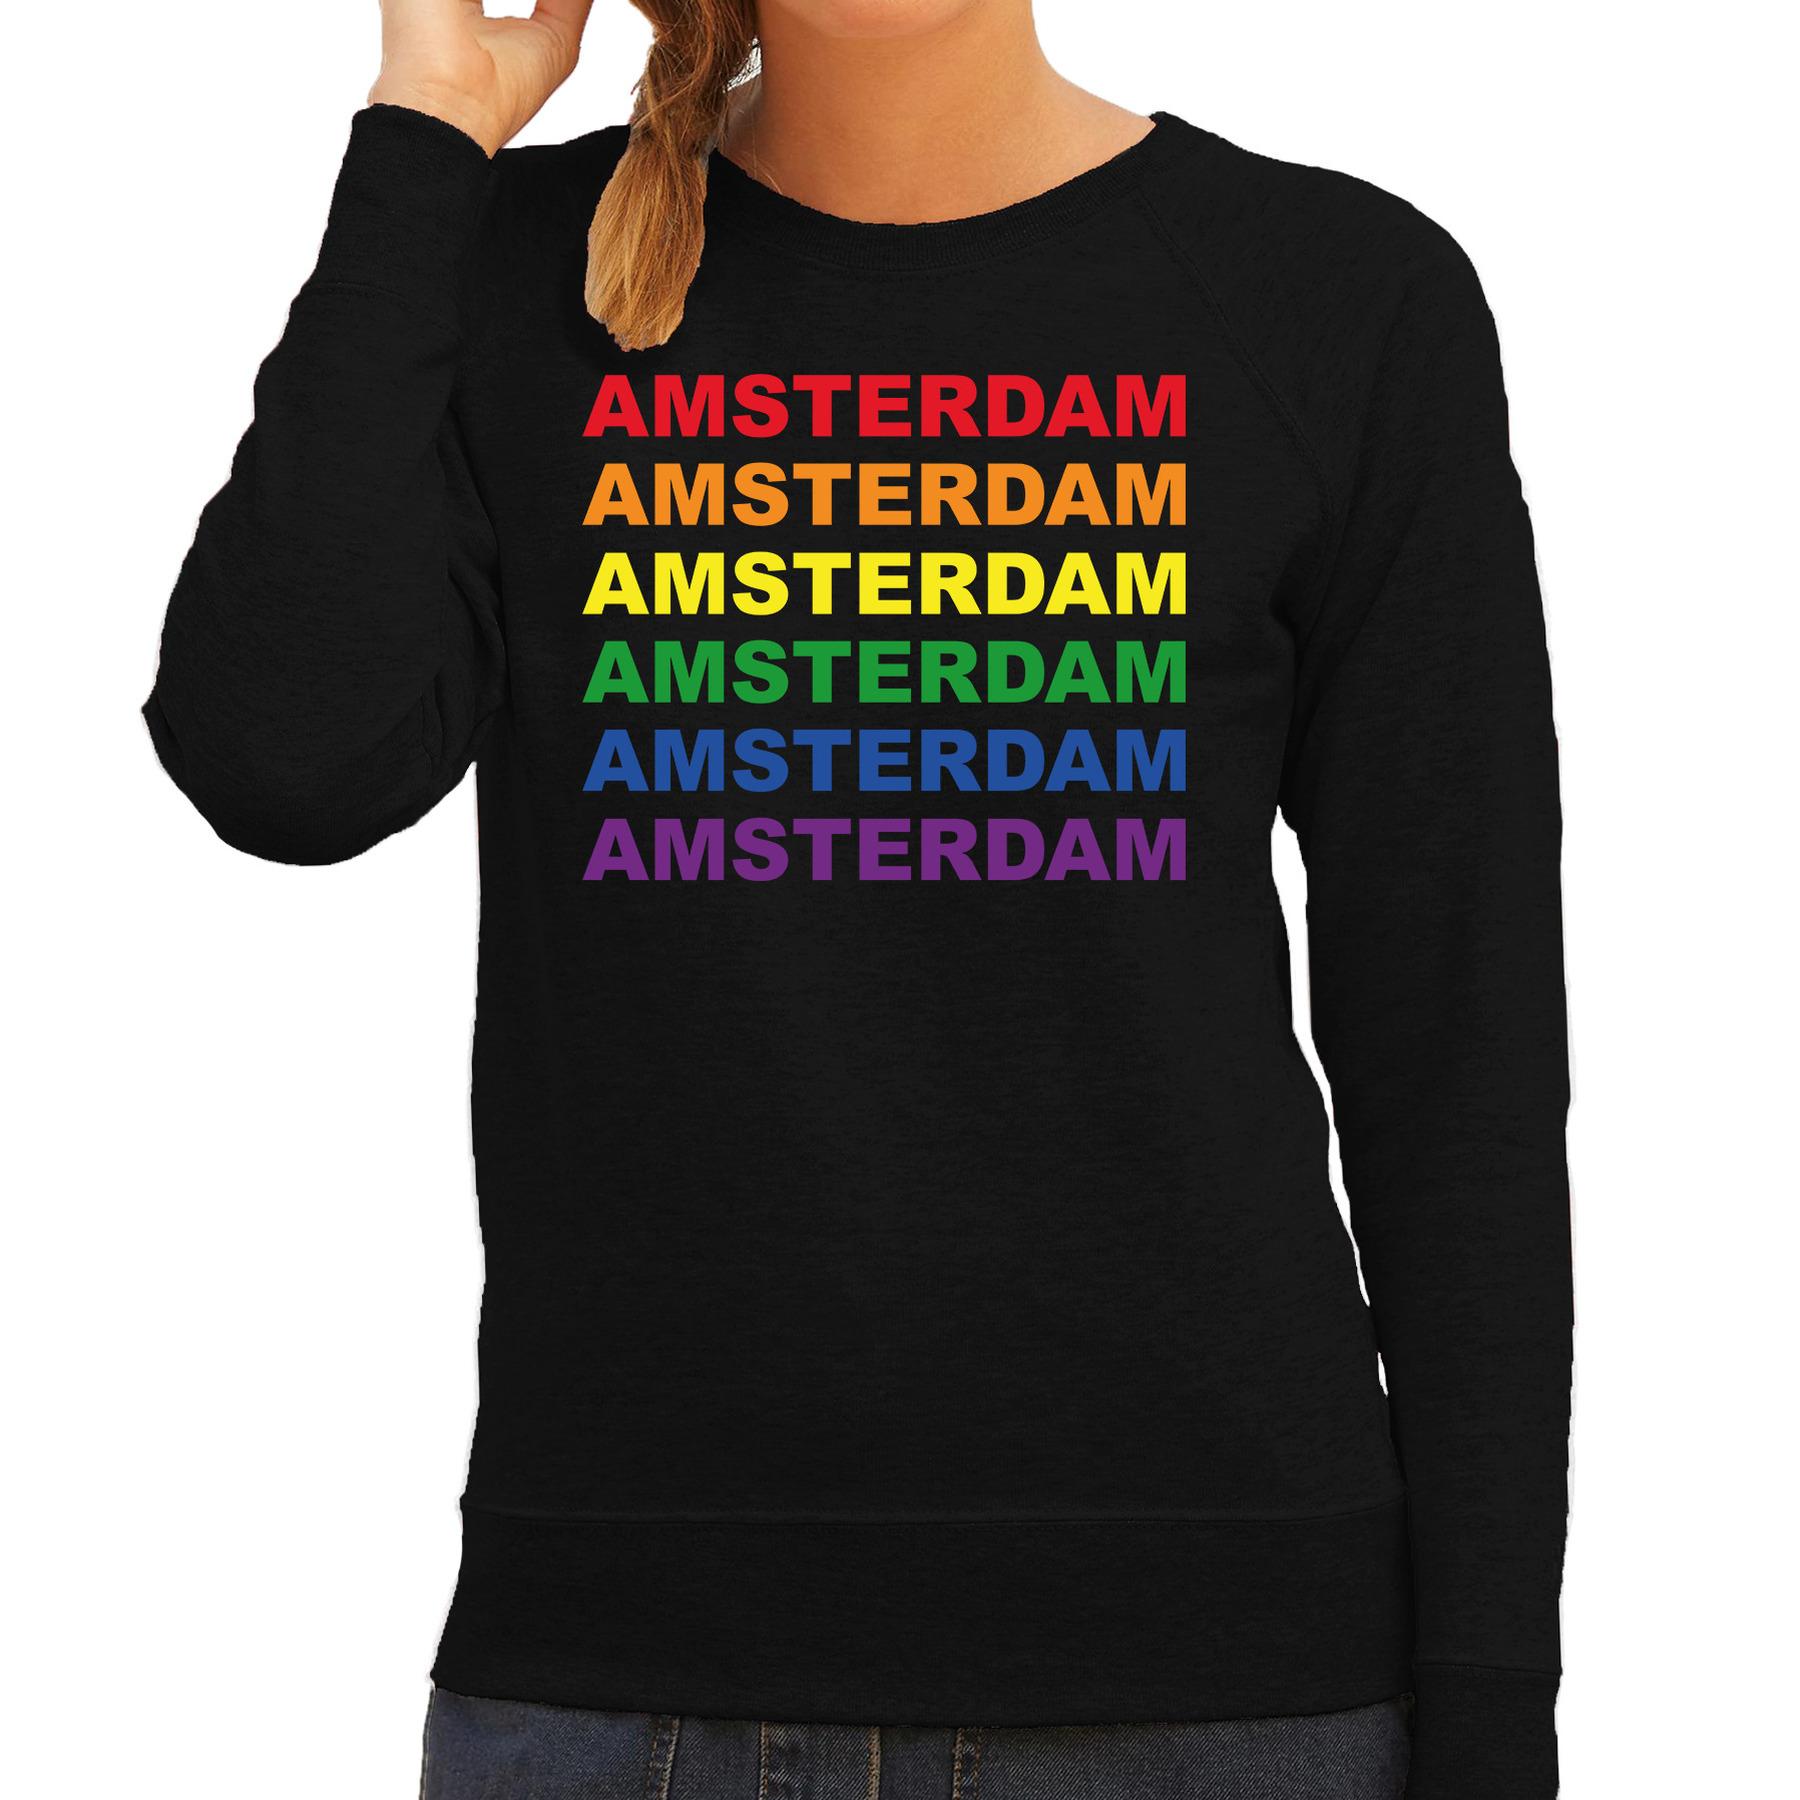 Regenboog amsterdam gay pride evenement sweater voor dames zwart